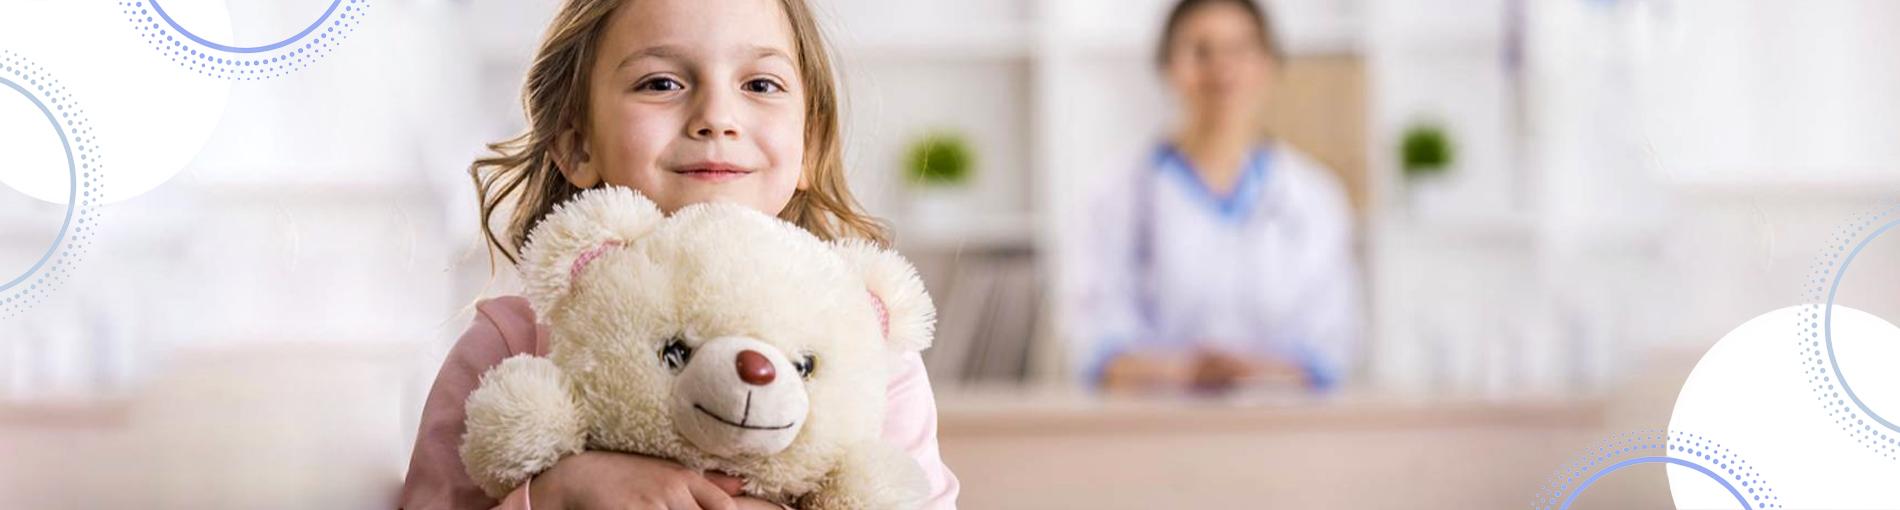 ד״ר רונית פרילינג מרפאת עיניים ילדים ילדה עם דובי